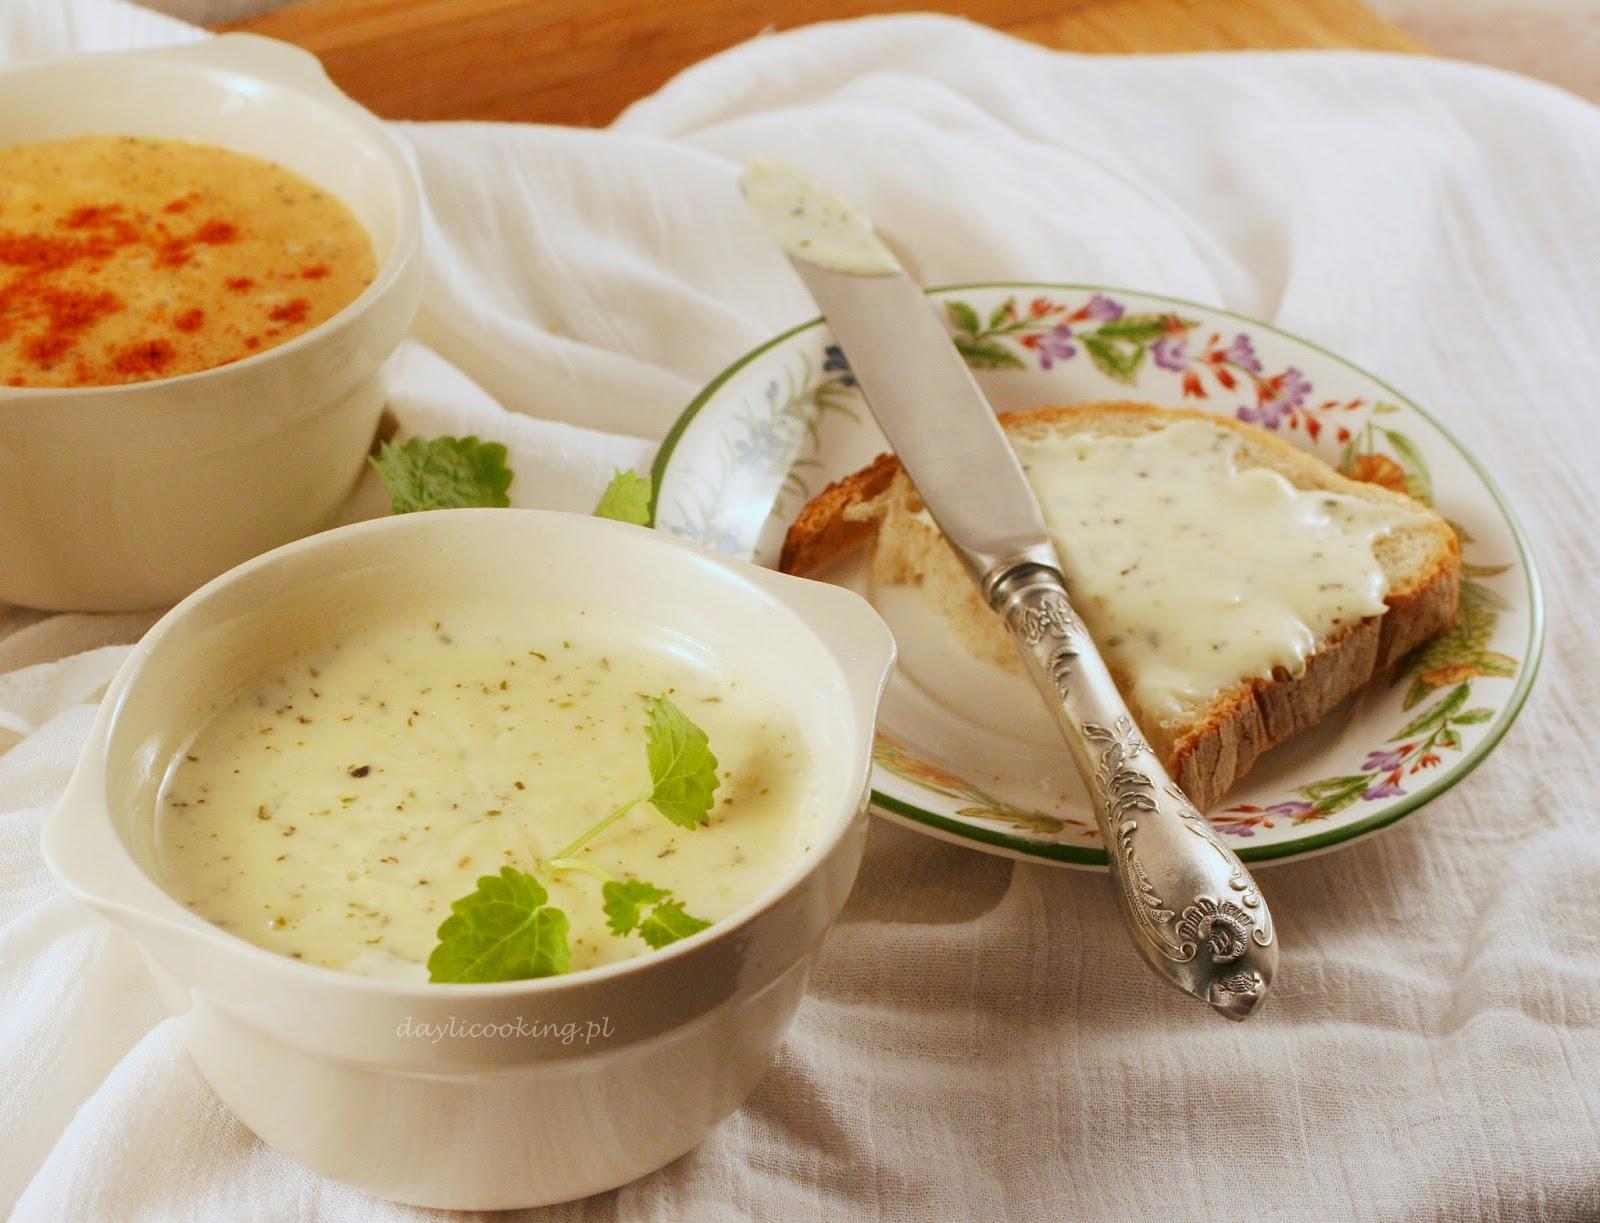 Как в домашних условиях сделать плавленный сыр